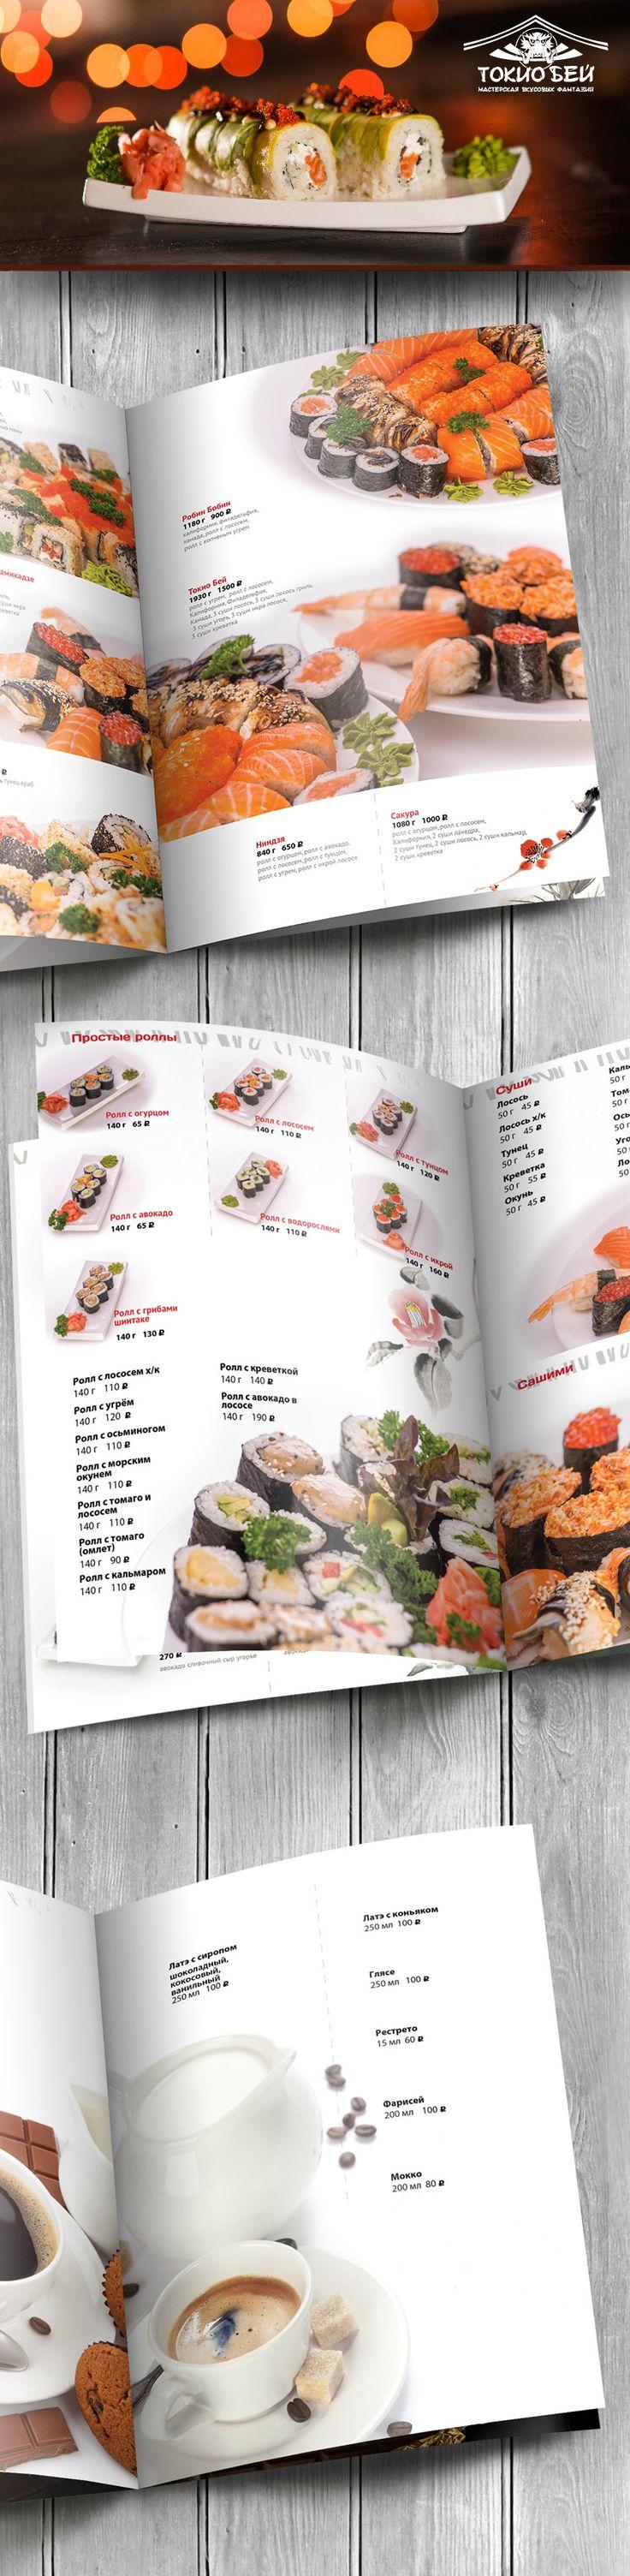 Разработка меню для «Токио Бей» #design #menu #sushi